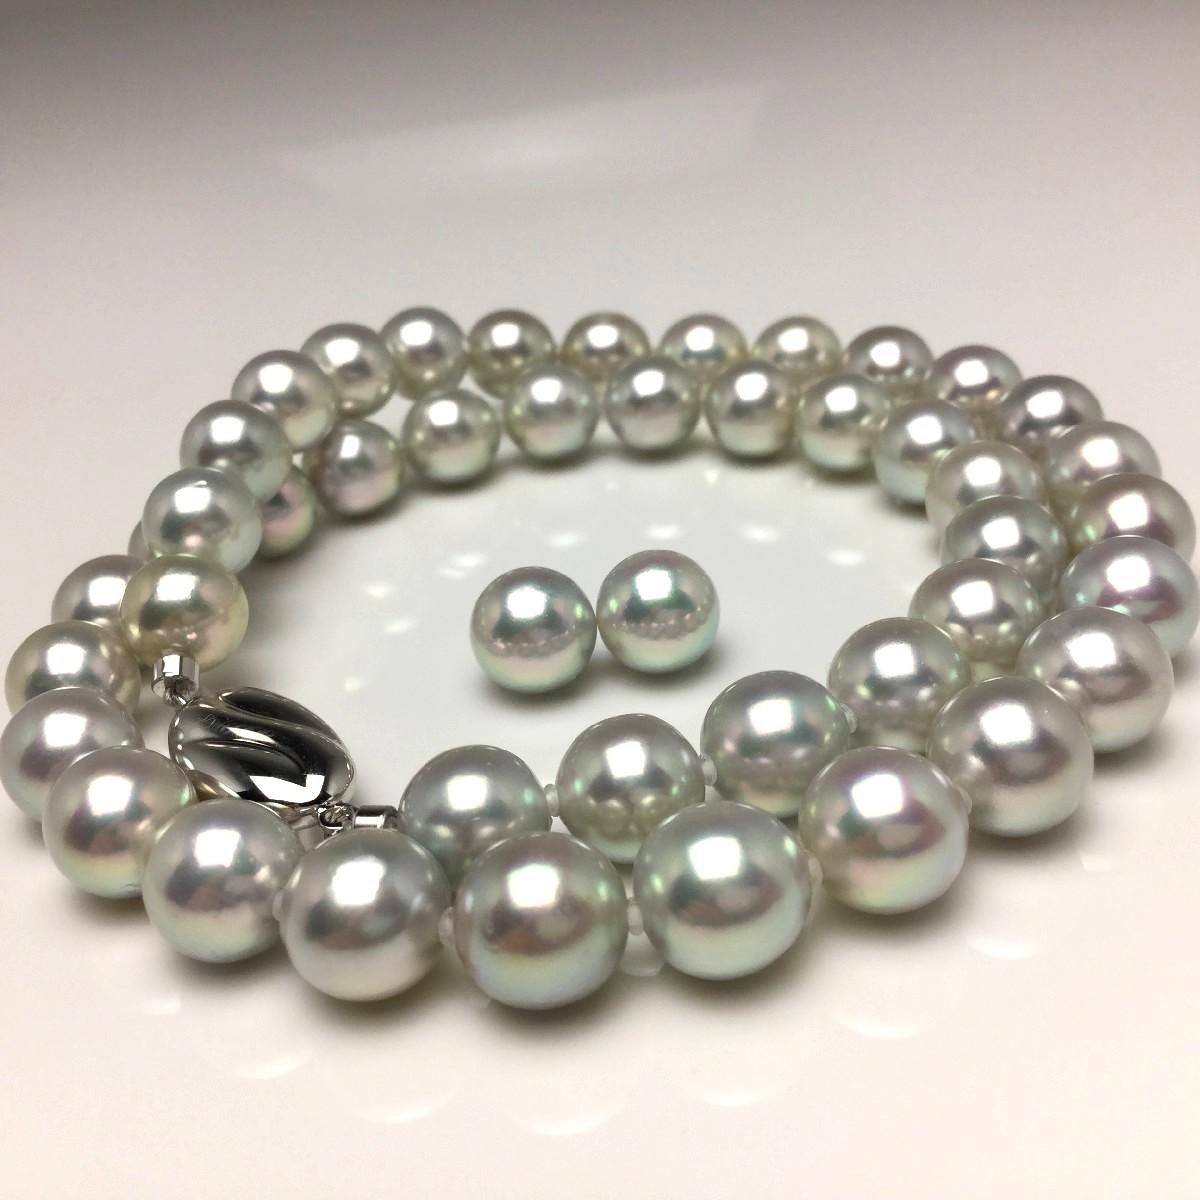 真珠 ネックレス パール アコヤ真珠 イヤリング or ピアス セット 8.5-9.0mm ホワイトシルバーブルー(ナチュラル) シルバー クラスップ 66573 イソワパール